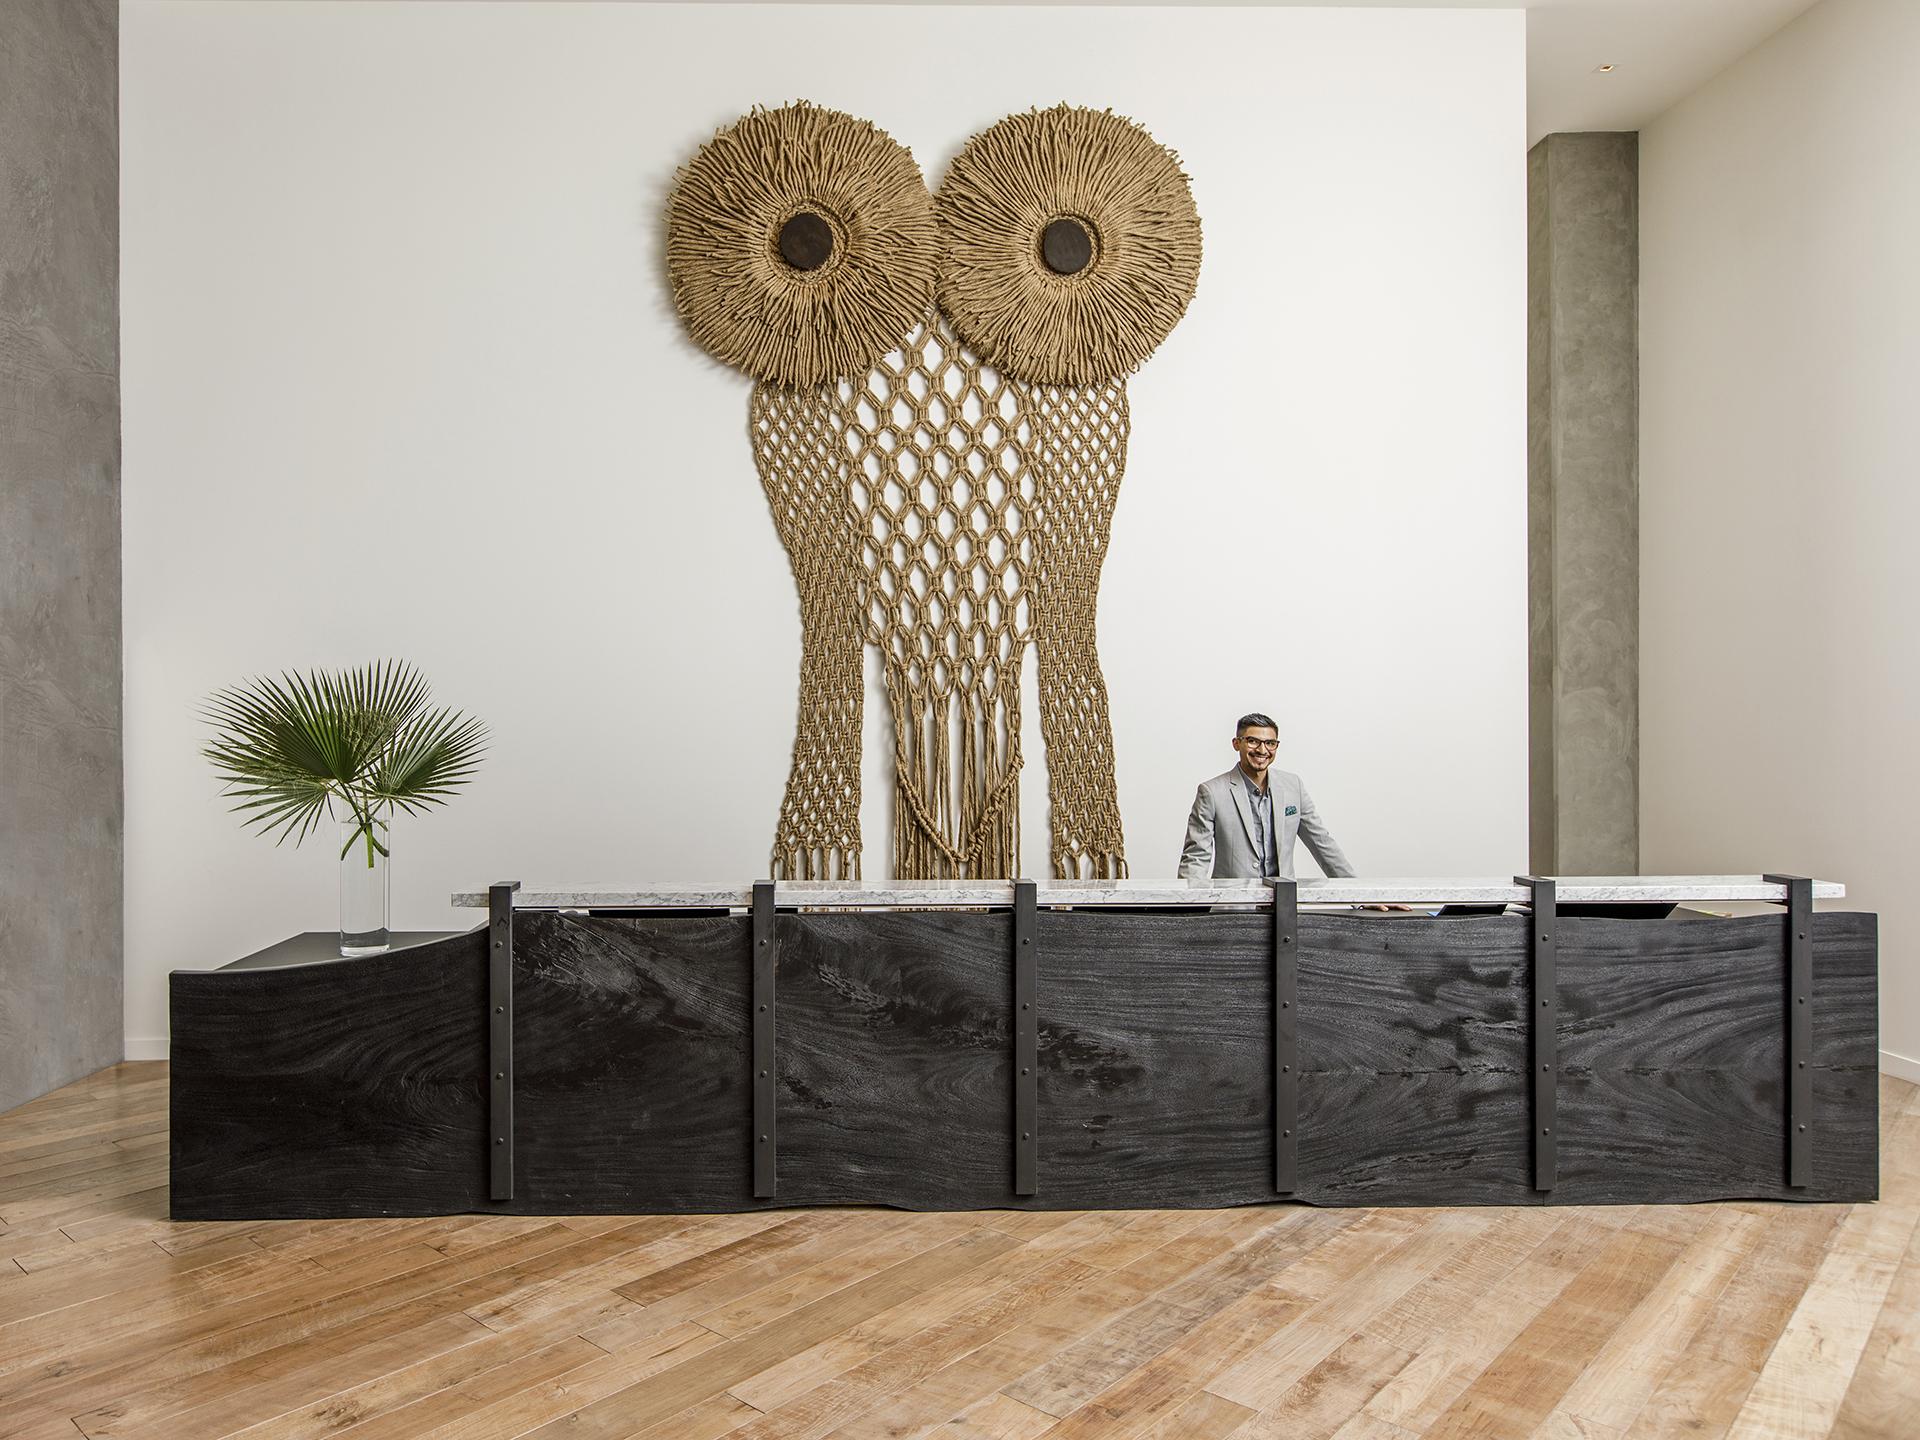 A coruja de 5 metros de altura enfeita o lobby e reforça o conceito contemporâneo e original da bandeira Kimpton